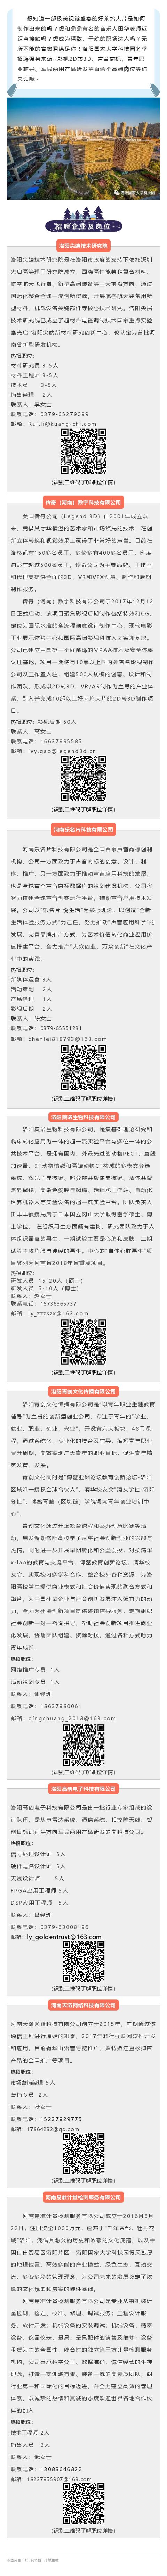 【招聘】优发娱乐官方网站2018冬季招聘岗位汇总